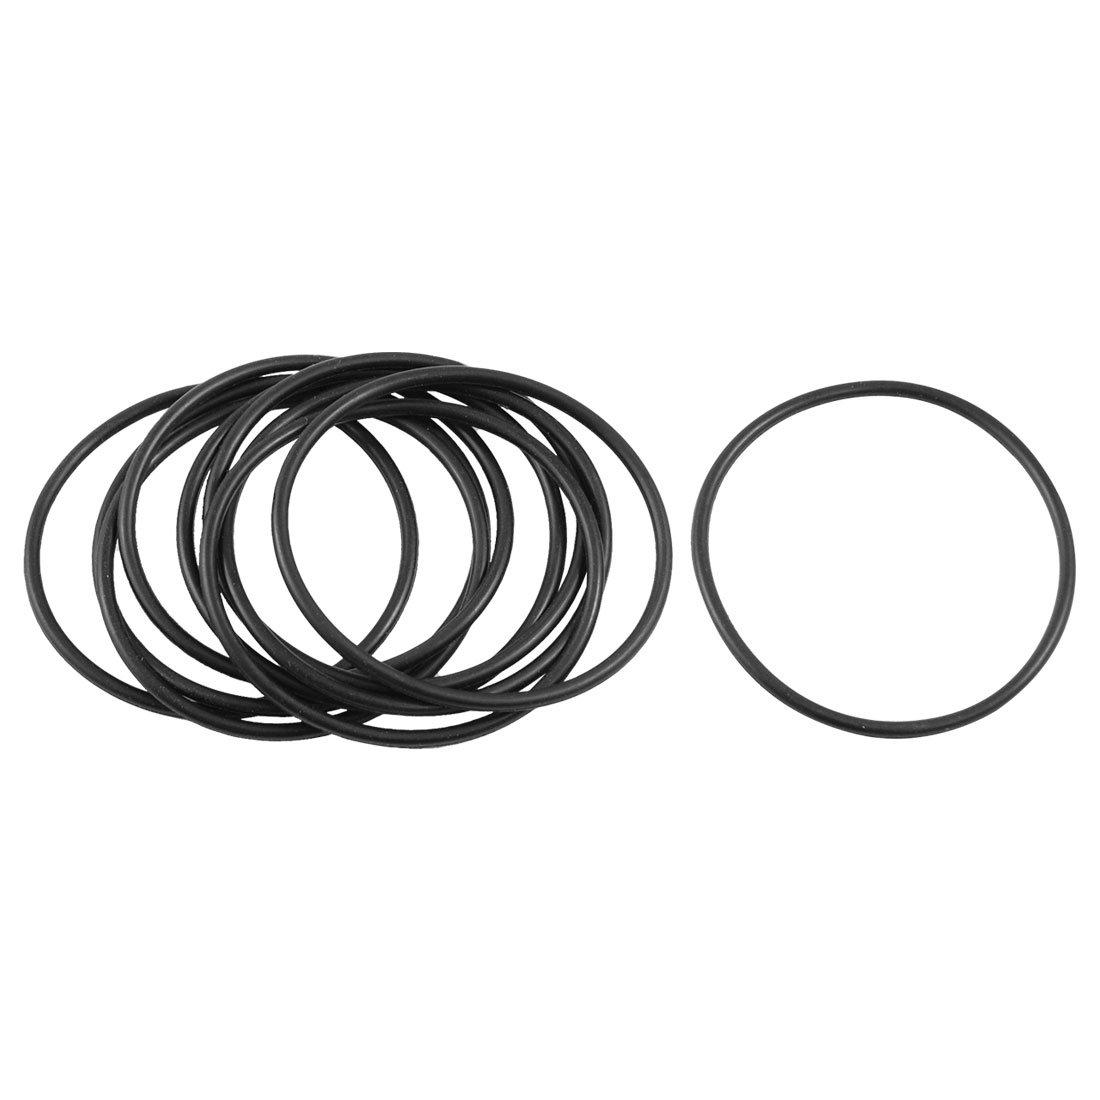 10 Stü ck 40 mm x 44 mm x 2 mm Nitrilkautschuk Sealing O Ring Dichtung Waschmaschine Sourcingmap a12040200ux0177